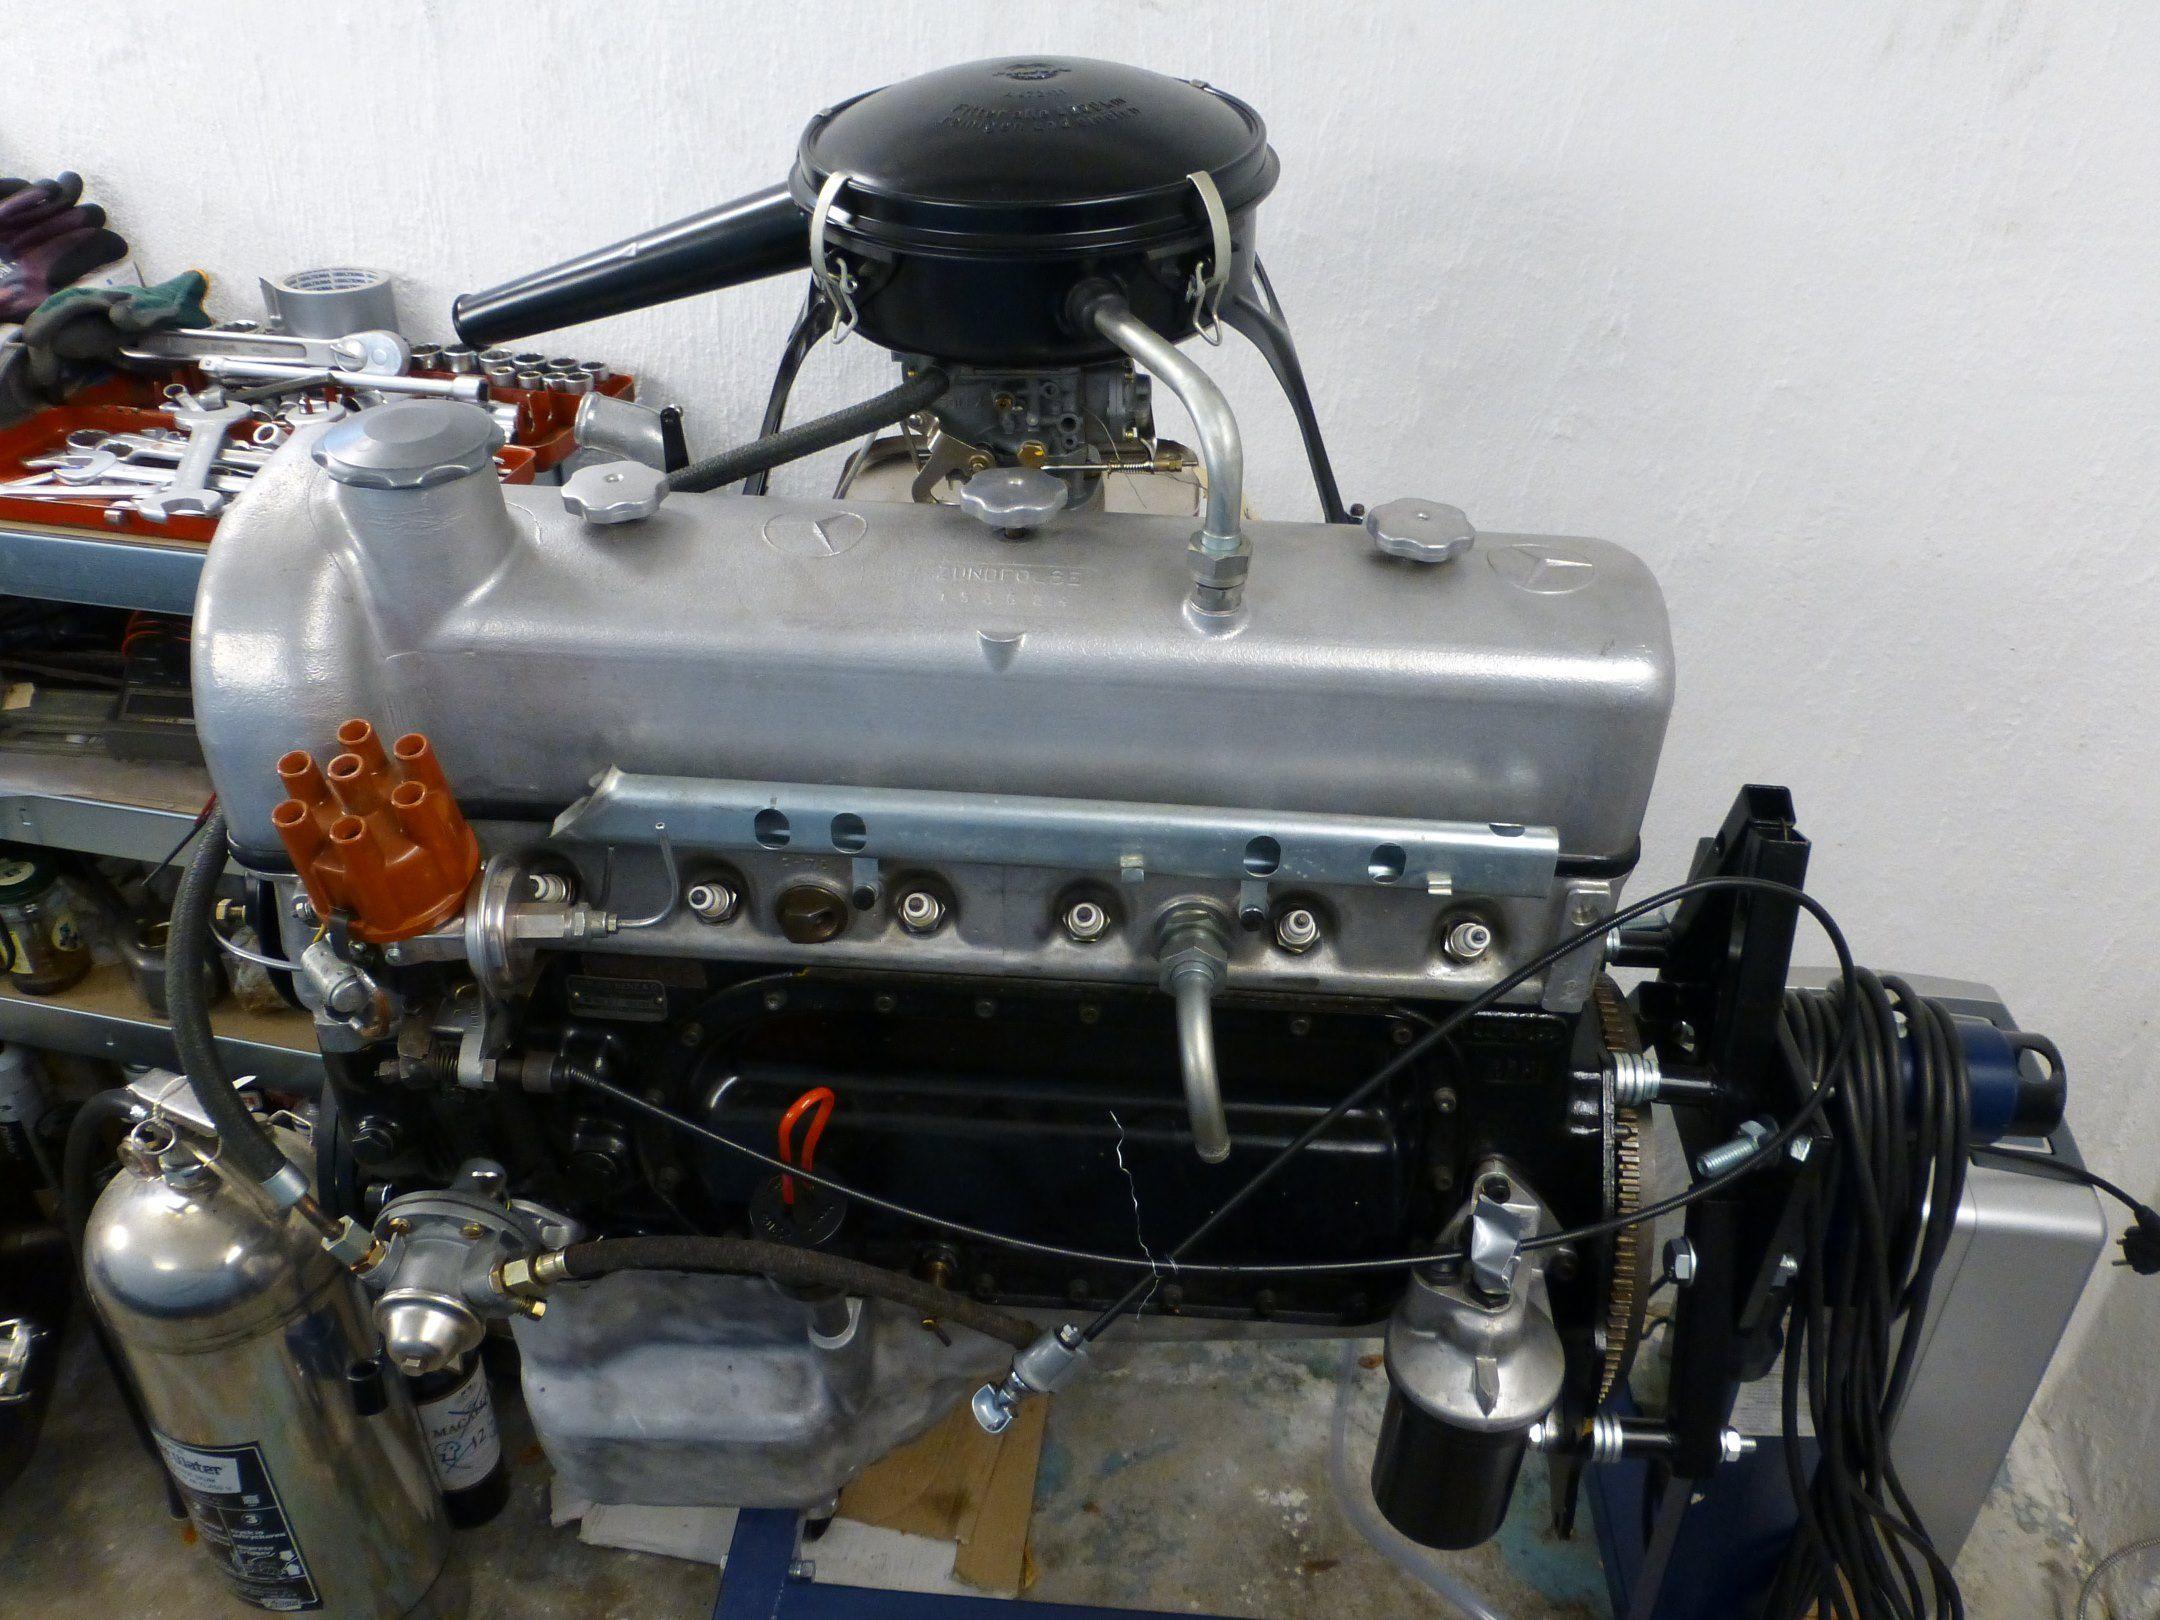 Mercedes-Benz 219 restoration > Carburetor | GERMAN AUTOS, CLASSICS